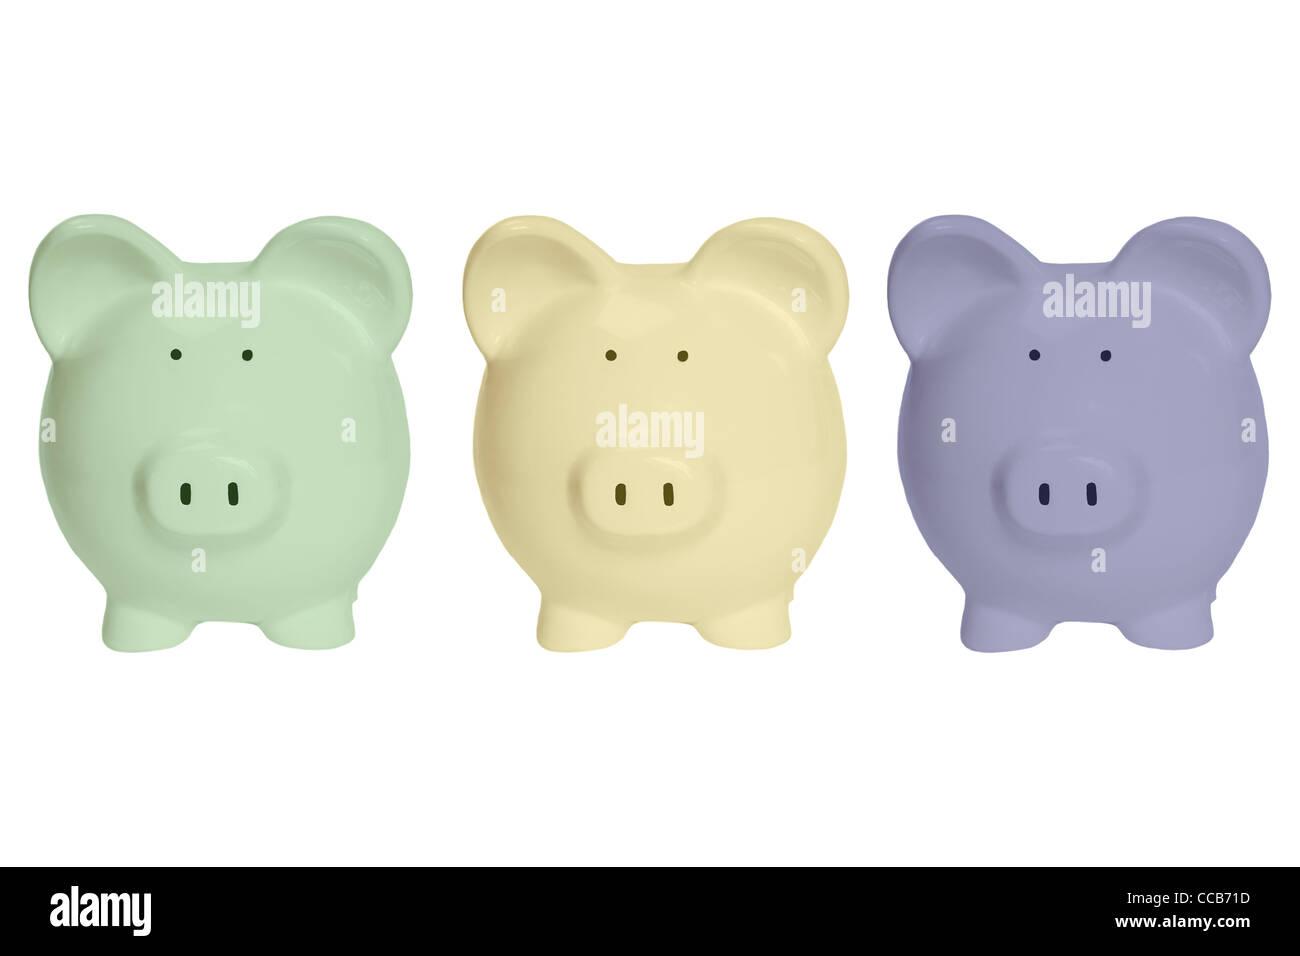 Detailansicht von drei bunten Sparschweinen | Detail photo of three colored piggy banks - Stock Image